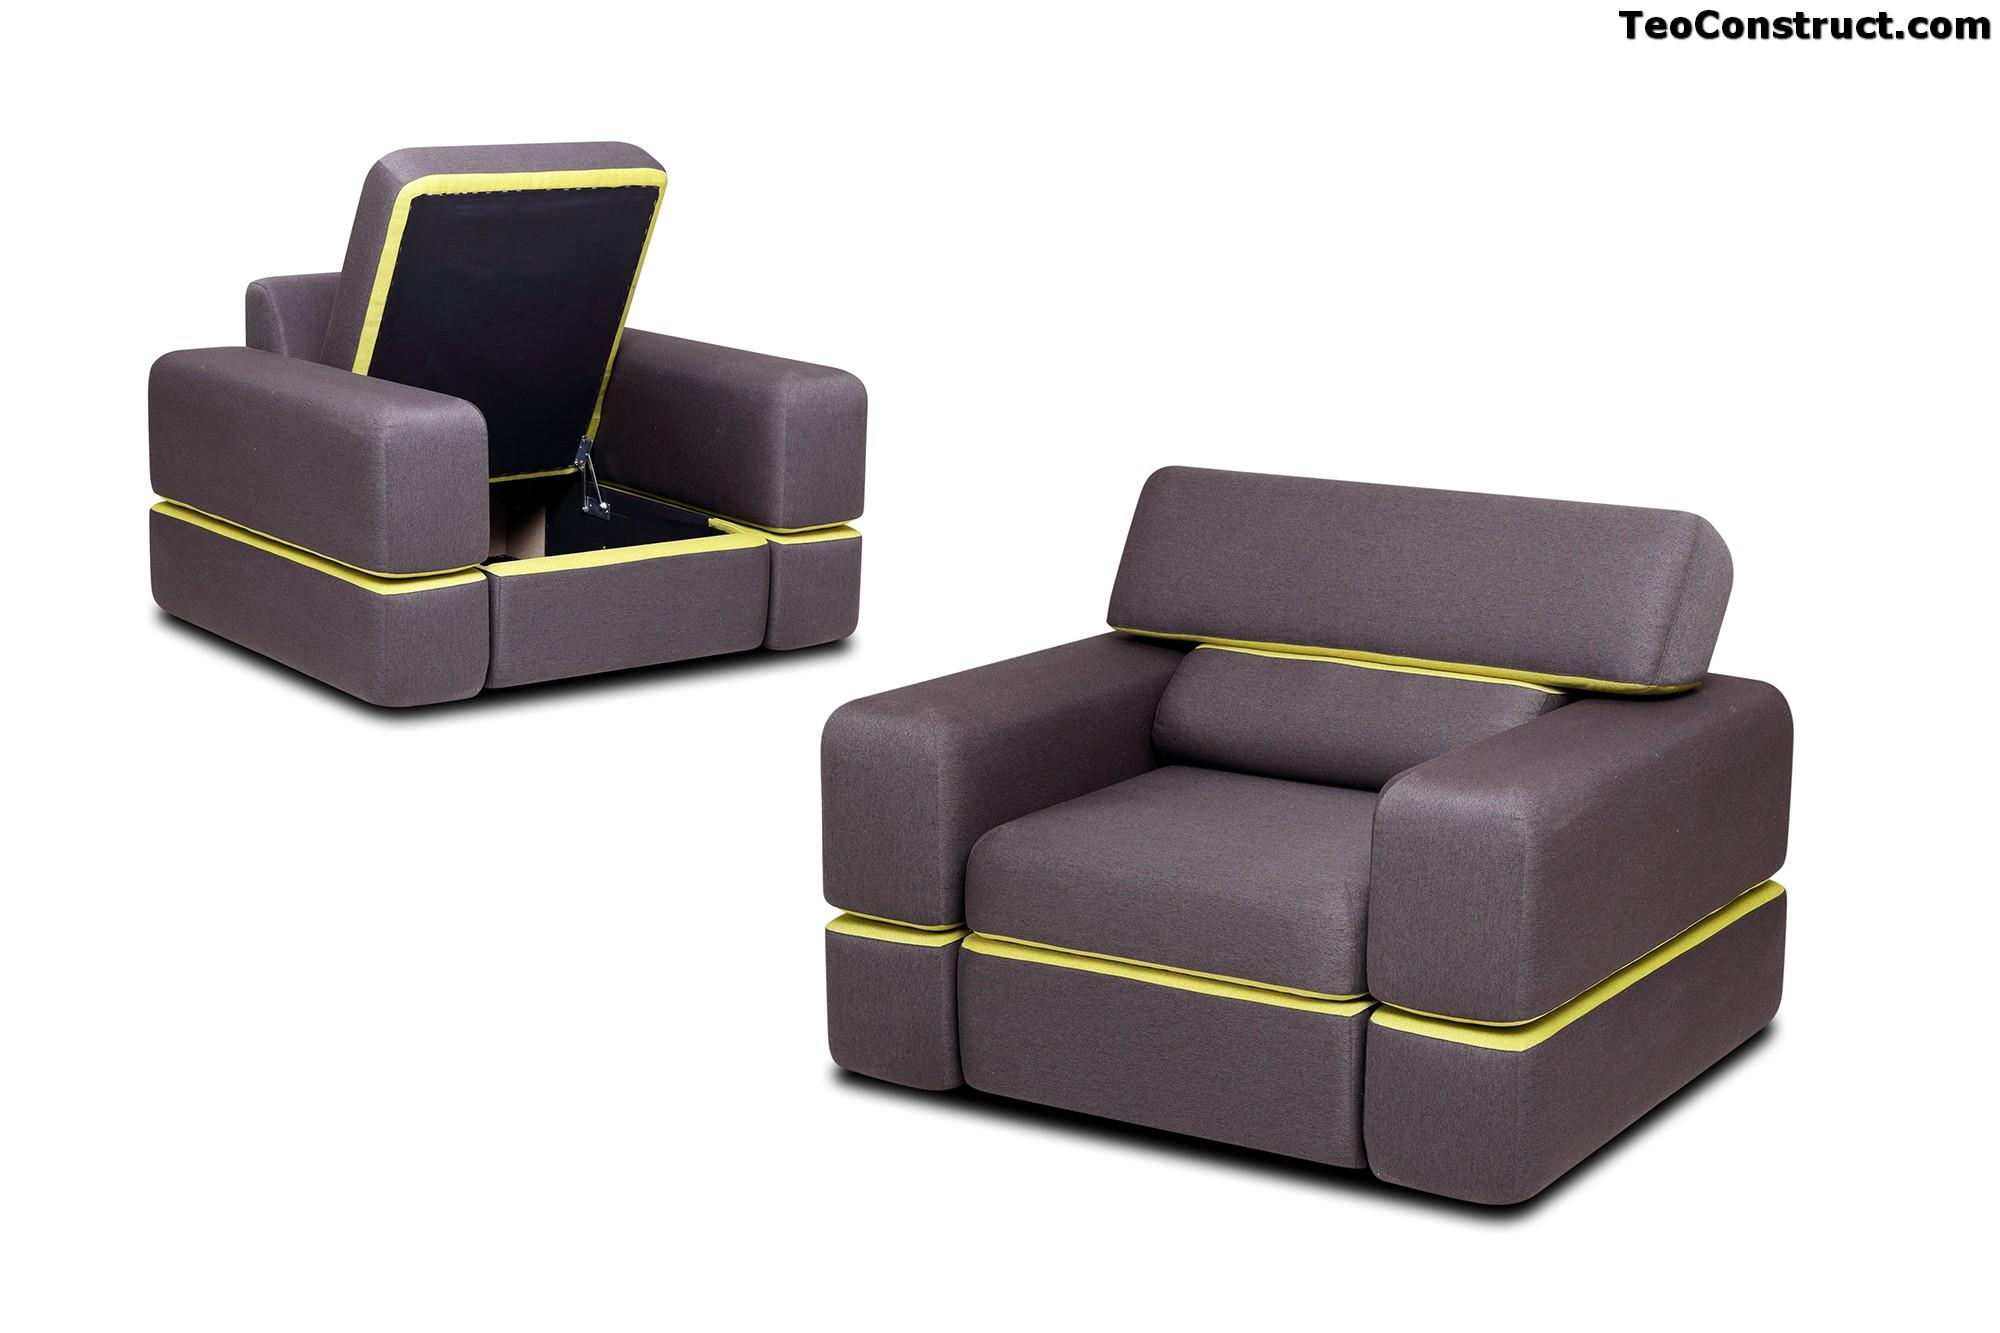 Canapea Open de calitate superioare13